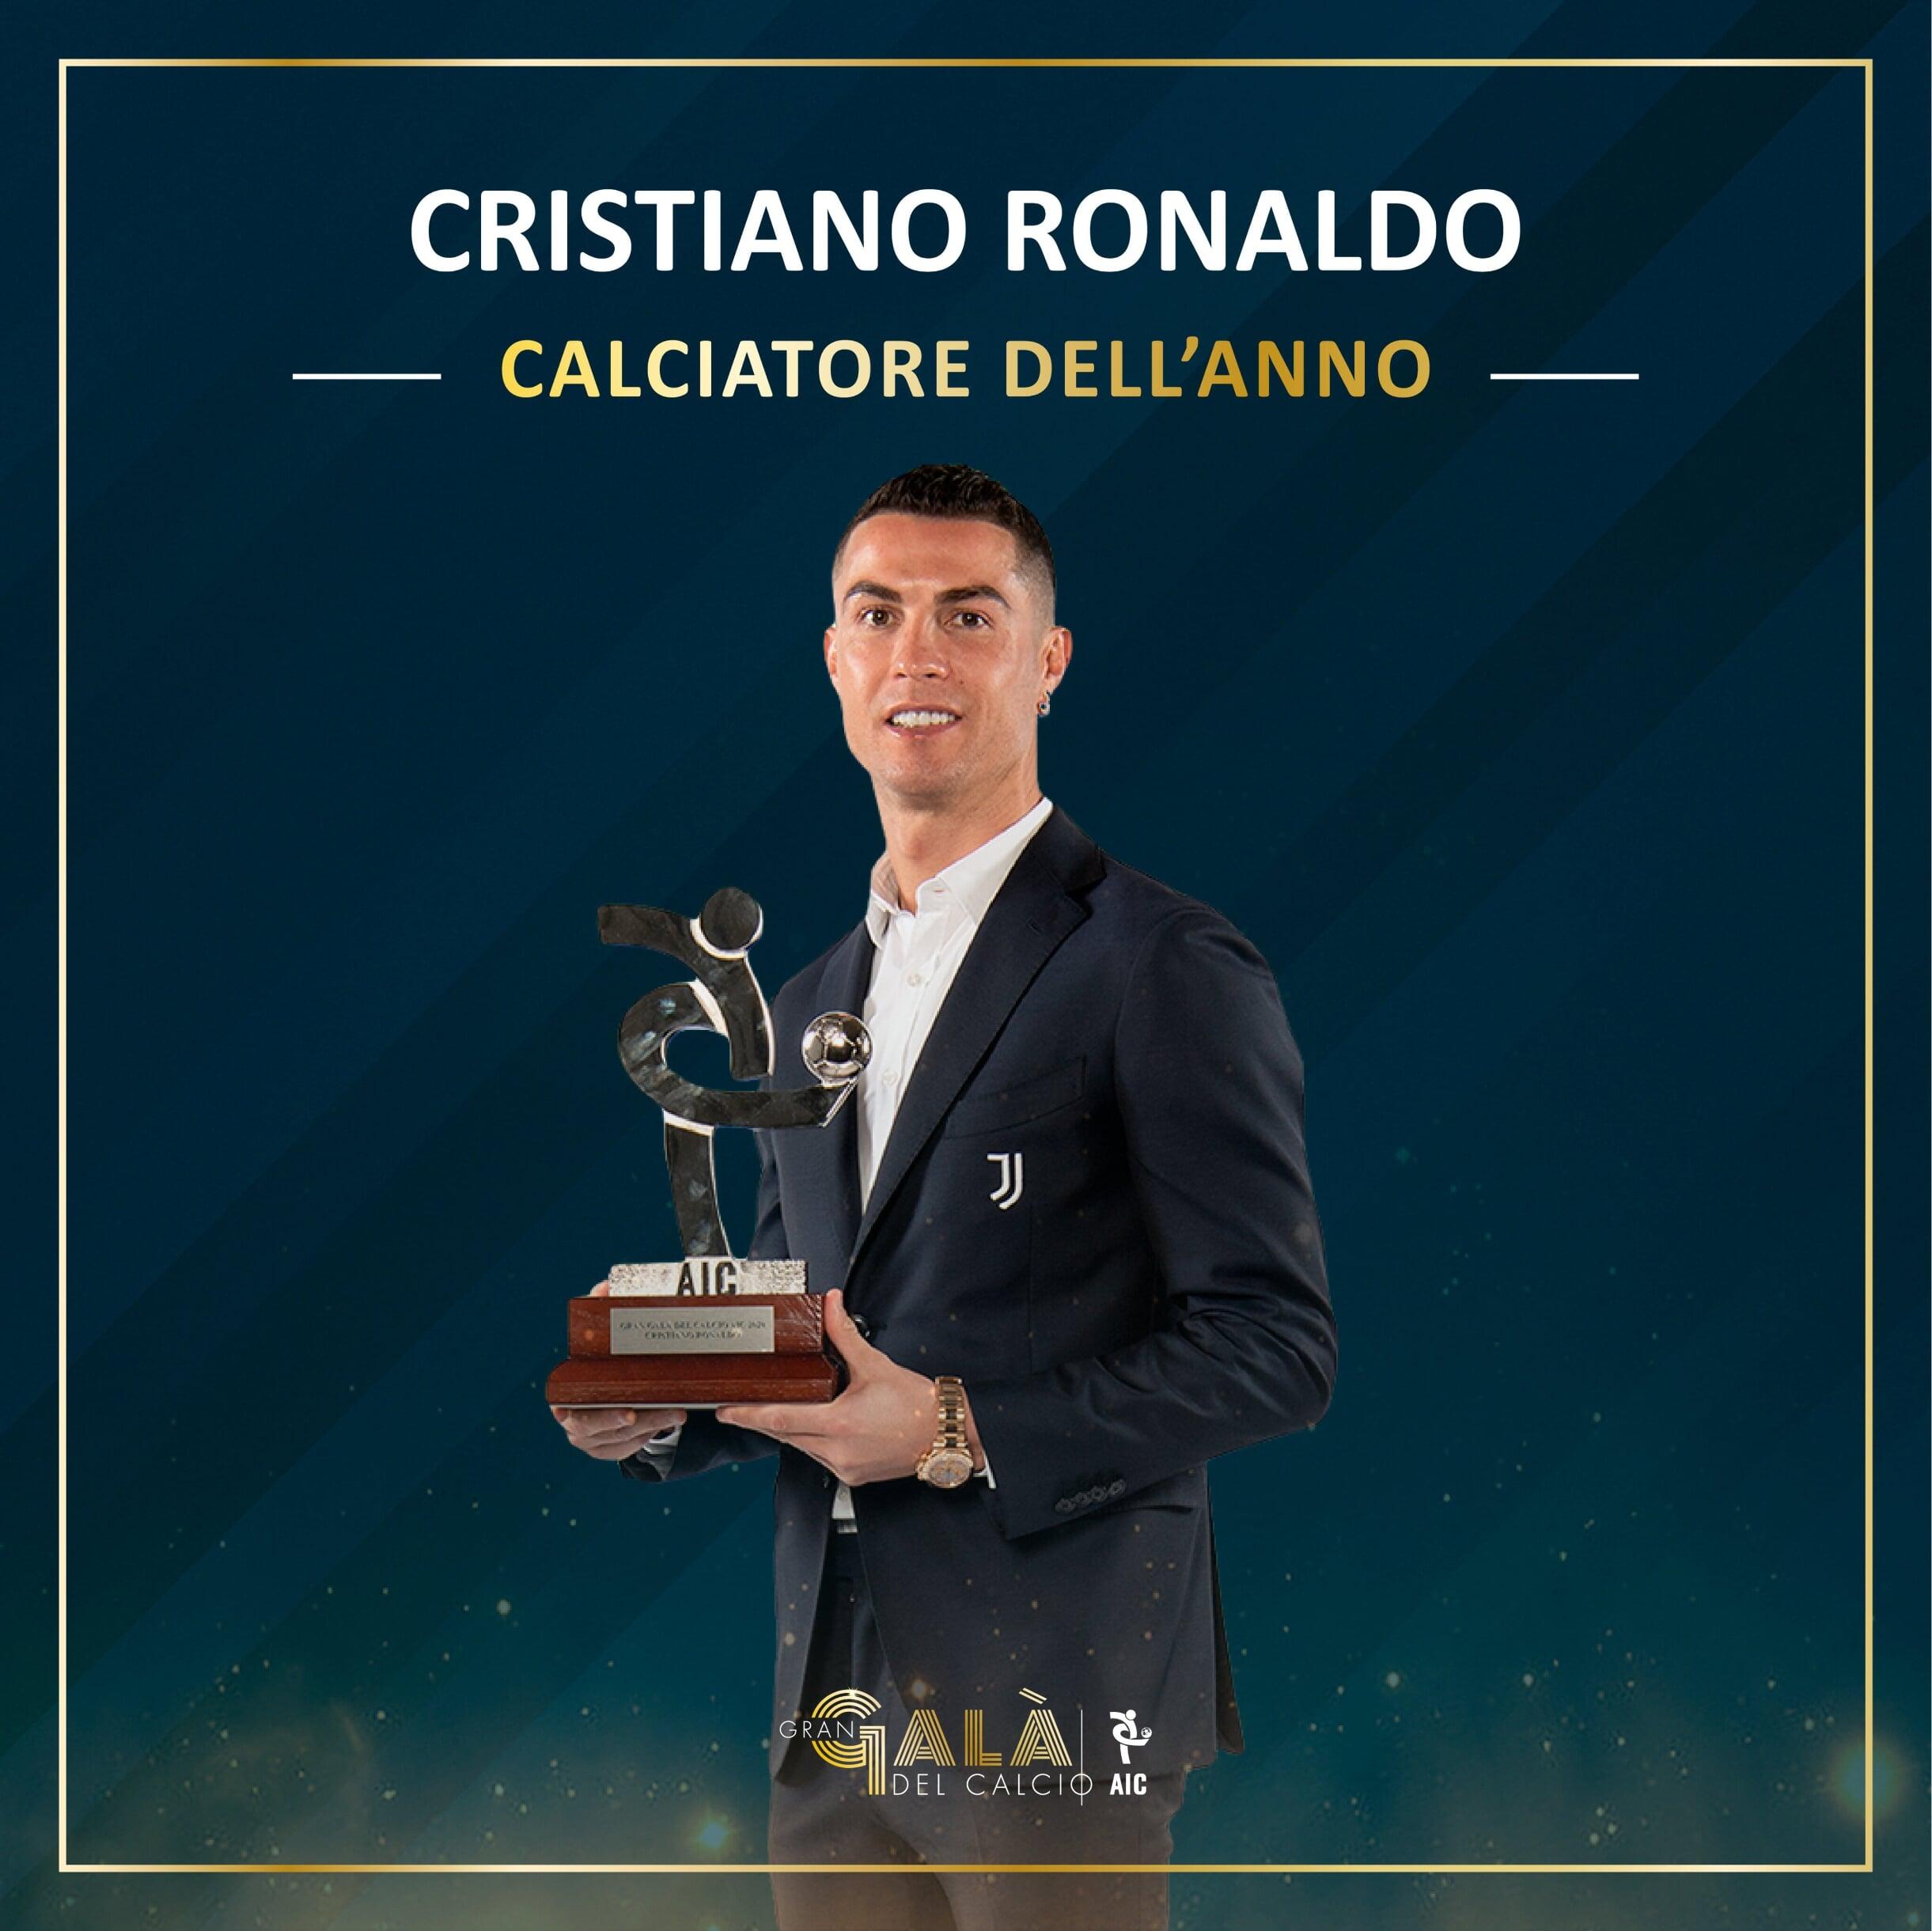 Роналду – лучший игрок Серии А-2019/20 по версии Итальянской ассоциации футболистов